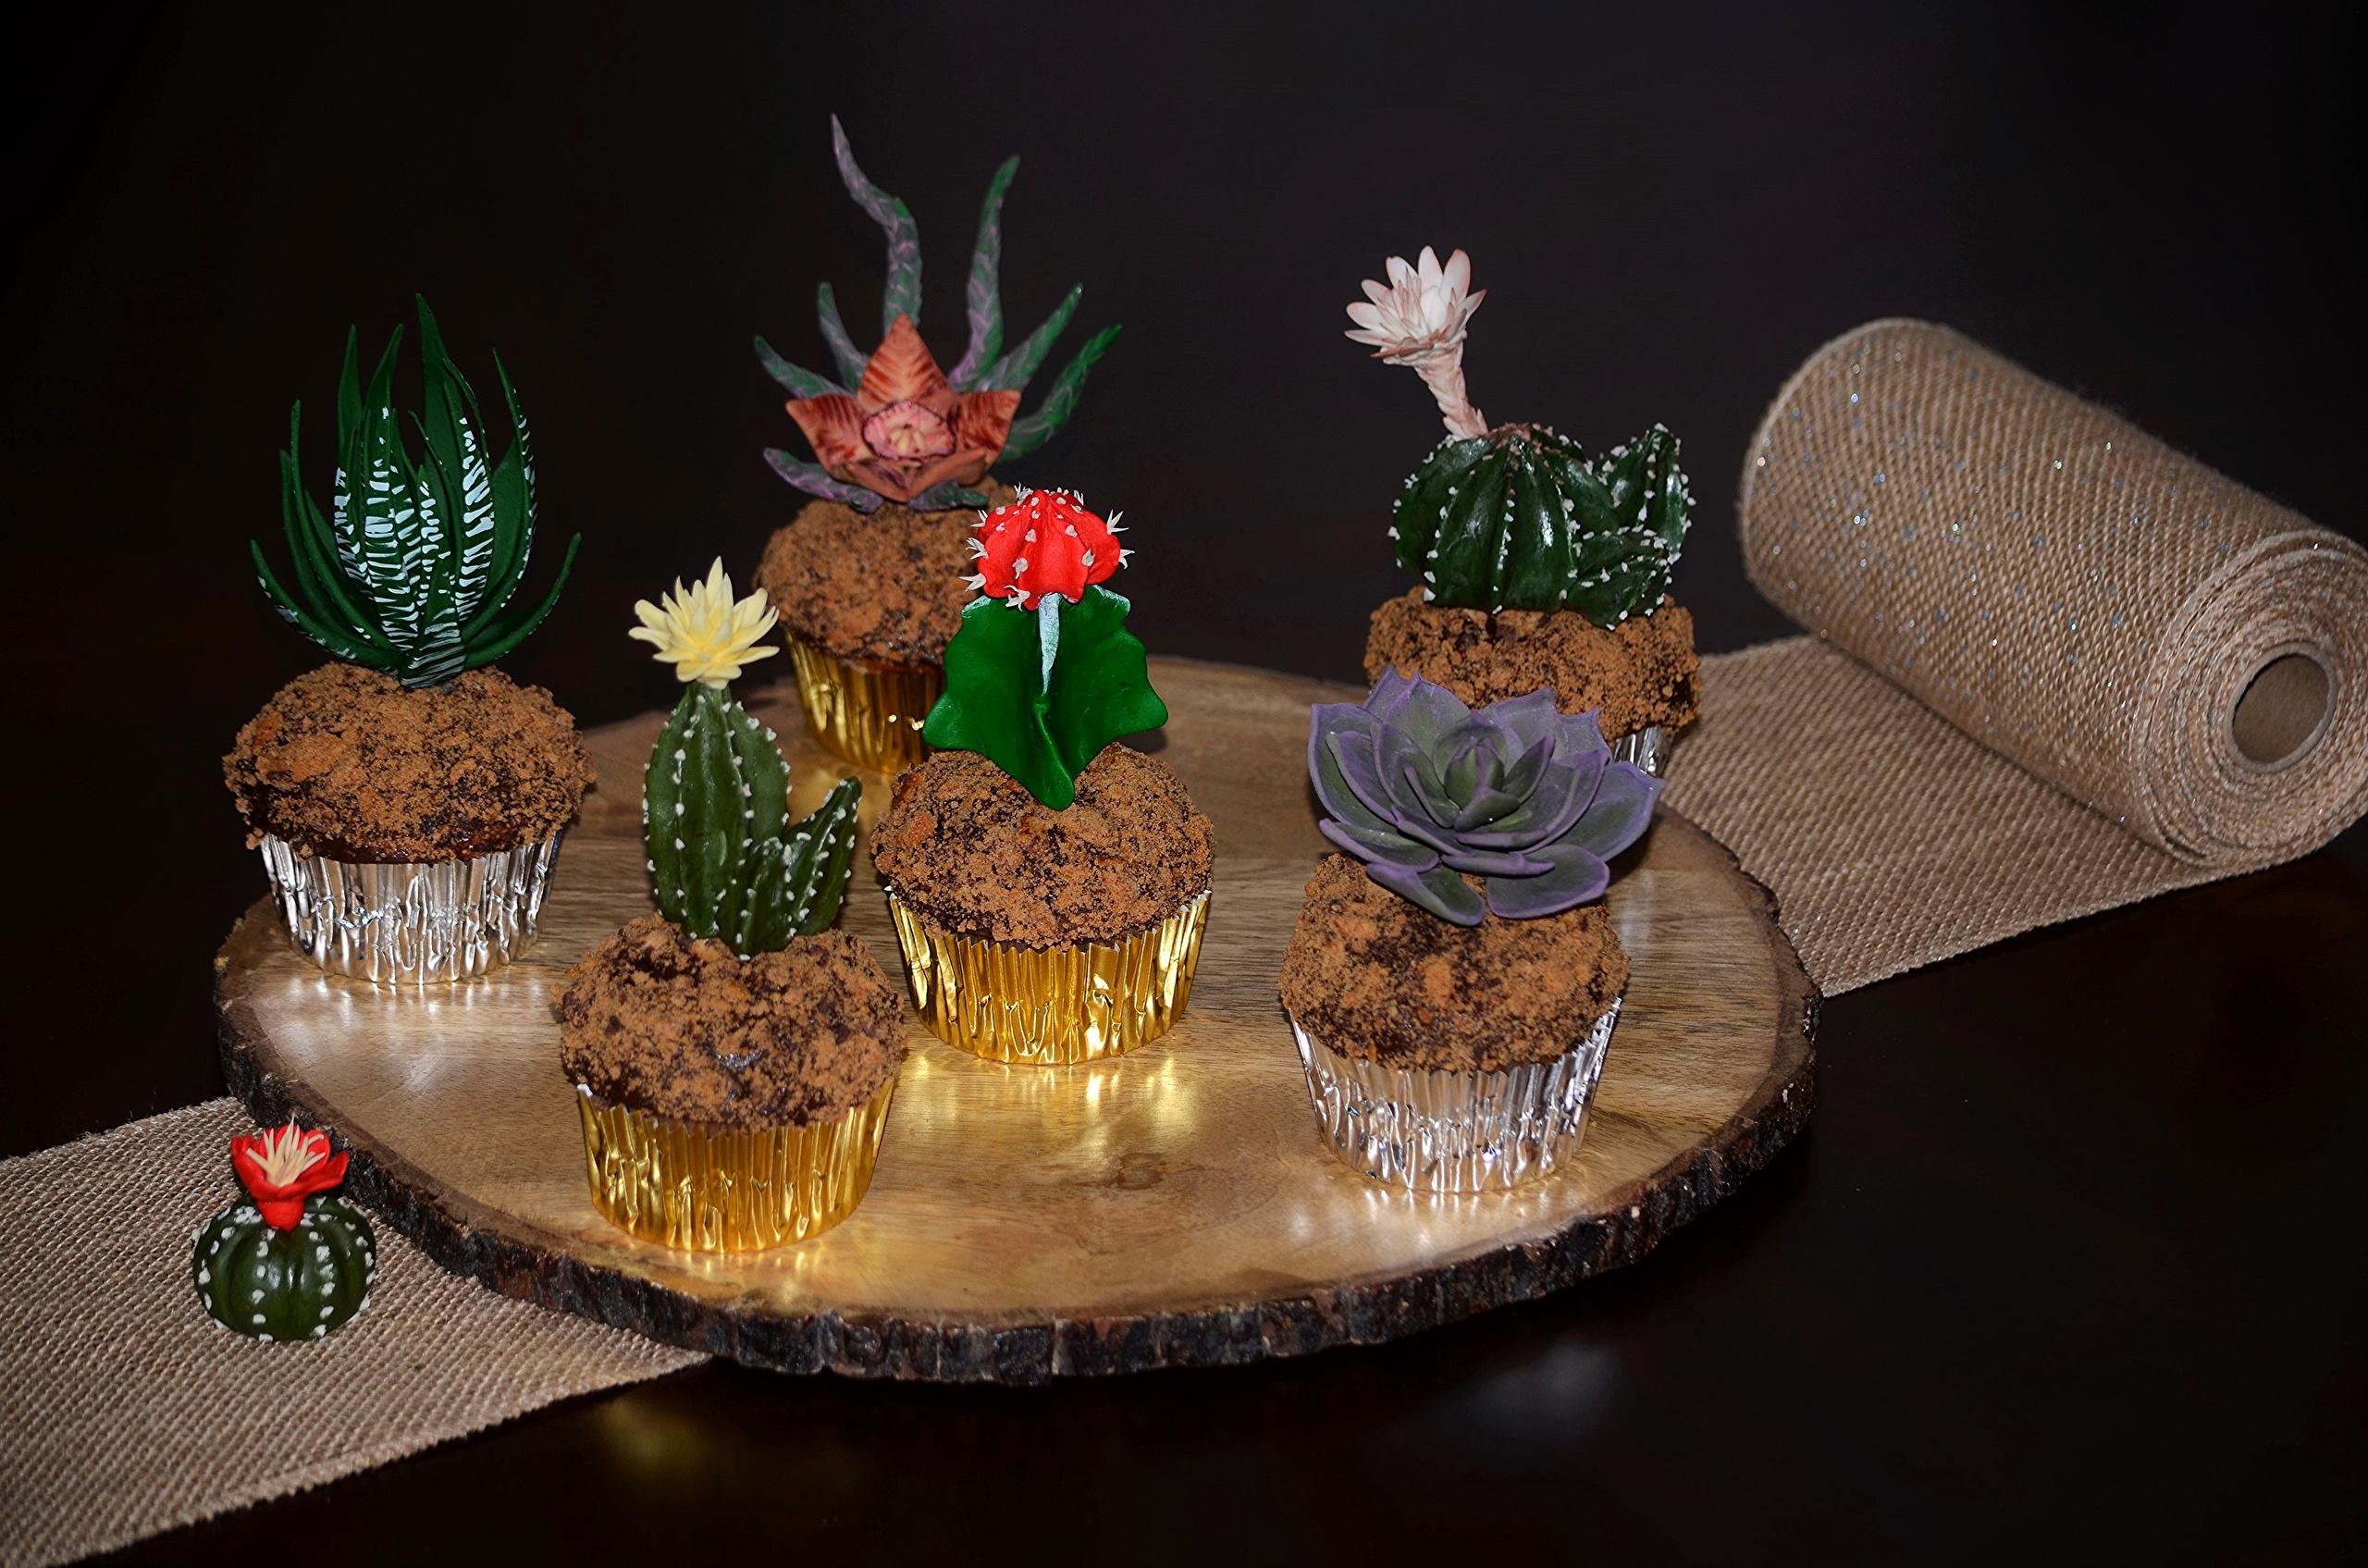 Фото Кактусы Продукты питания Пирожное сладкая еда дизайна 2560x1695 Еда Пища Сладости Дизайн